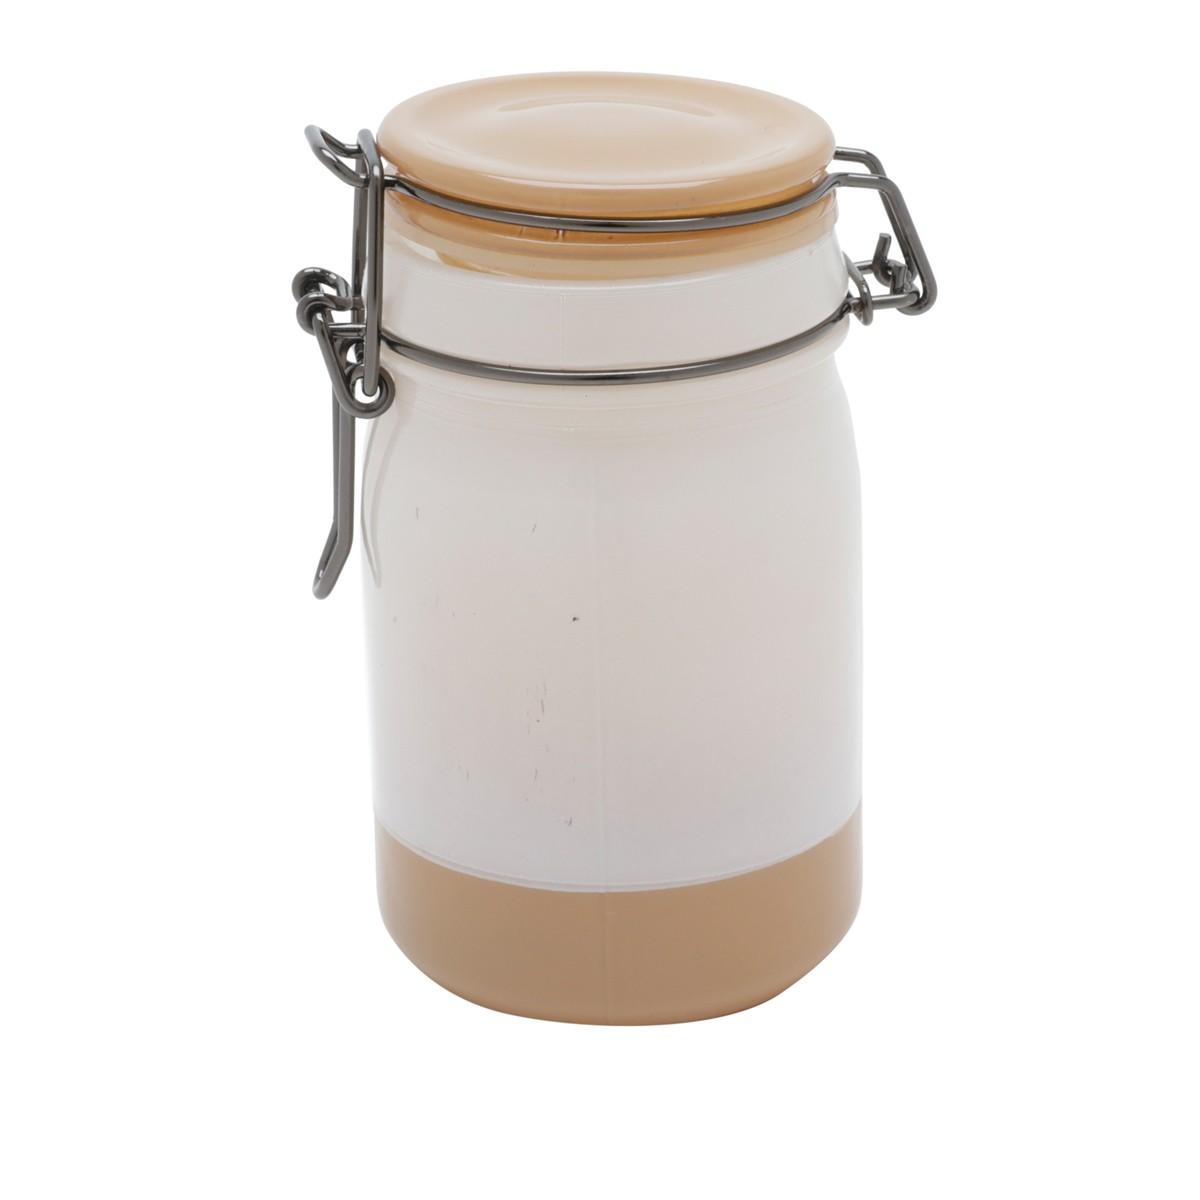 Pote De Vidro Pequeno Solid Dual Colors Branco E Caramelo Urban